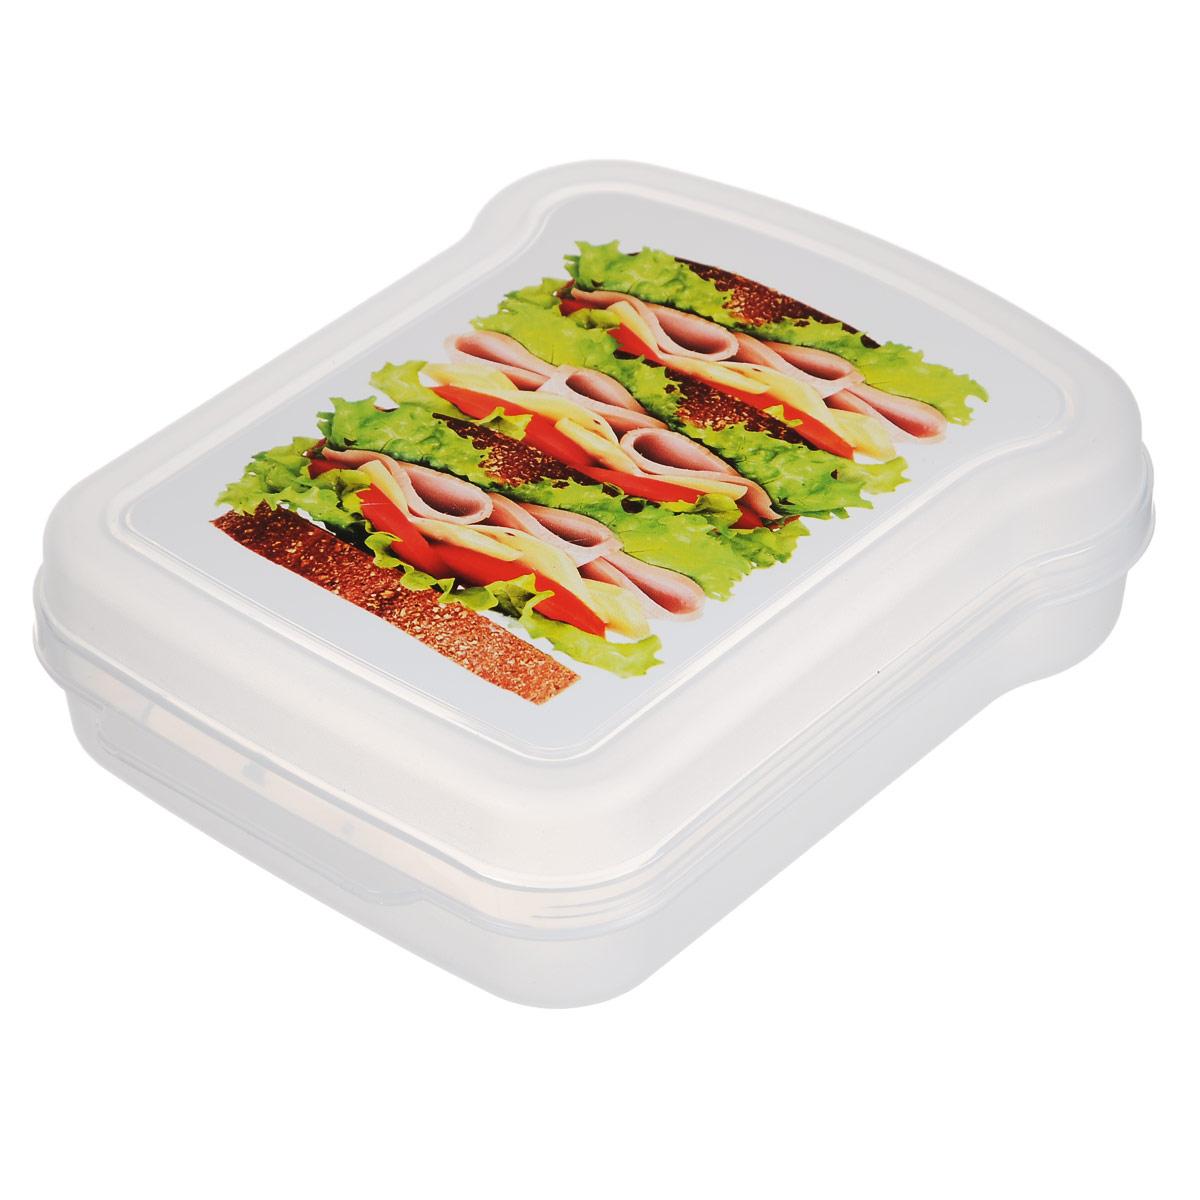 Контейнер для бутербродов Phibo, 17 см х 13 см х 4,2 смС12854Контейнер для бутербродов Phibo изготовлен из прозрачного пищевого пластика, устойчивого к высоким температурам. Контейнер выполнен в форме бутерброда, поэтому идеально подходит для их хранения. Крышка плотно закрывается, дольше сохраняя еду свежей и вкусной. Такой контейнер удобно брать с собой на работу, учебу, пикник.Подходит для разогрева пищи в микроволновой печи и для хранения в холодильнике. Можно мыть в посудомоечной машине.